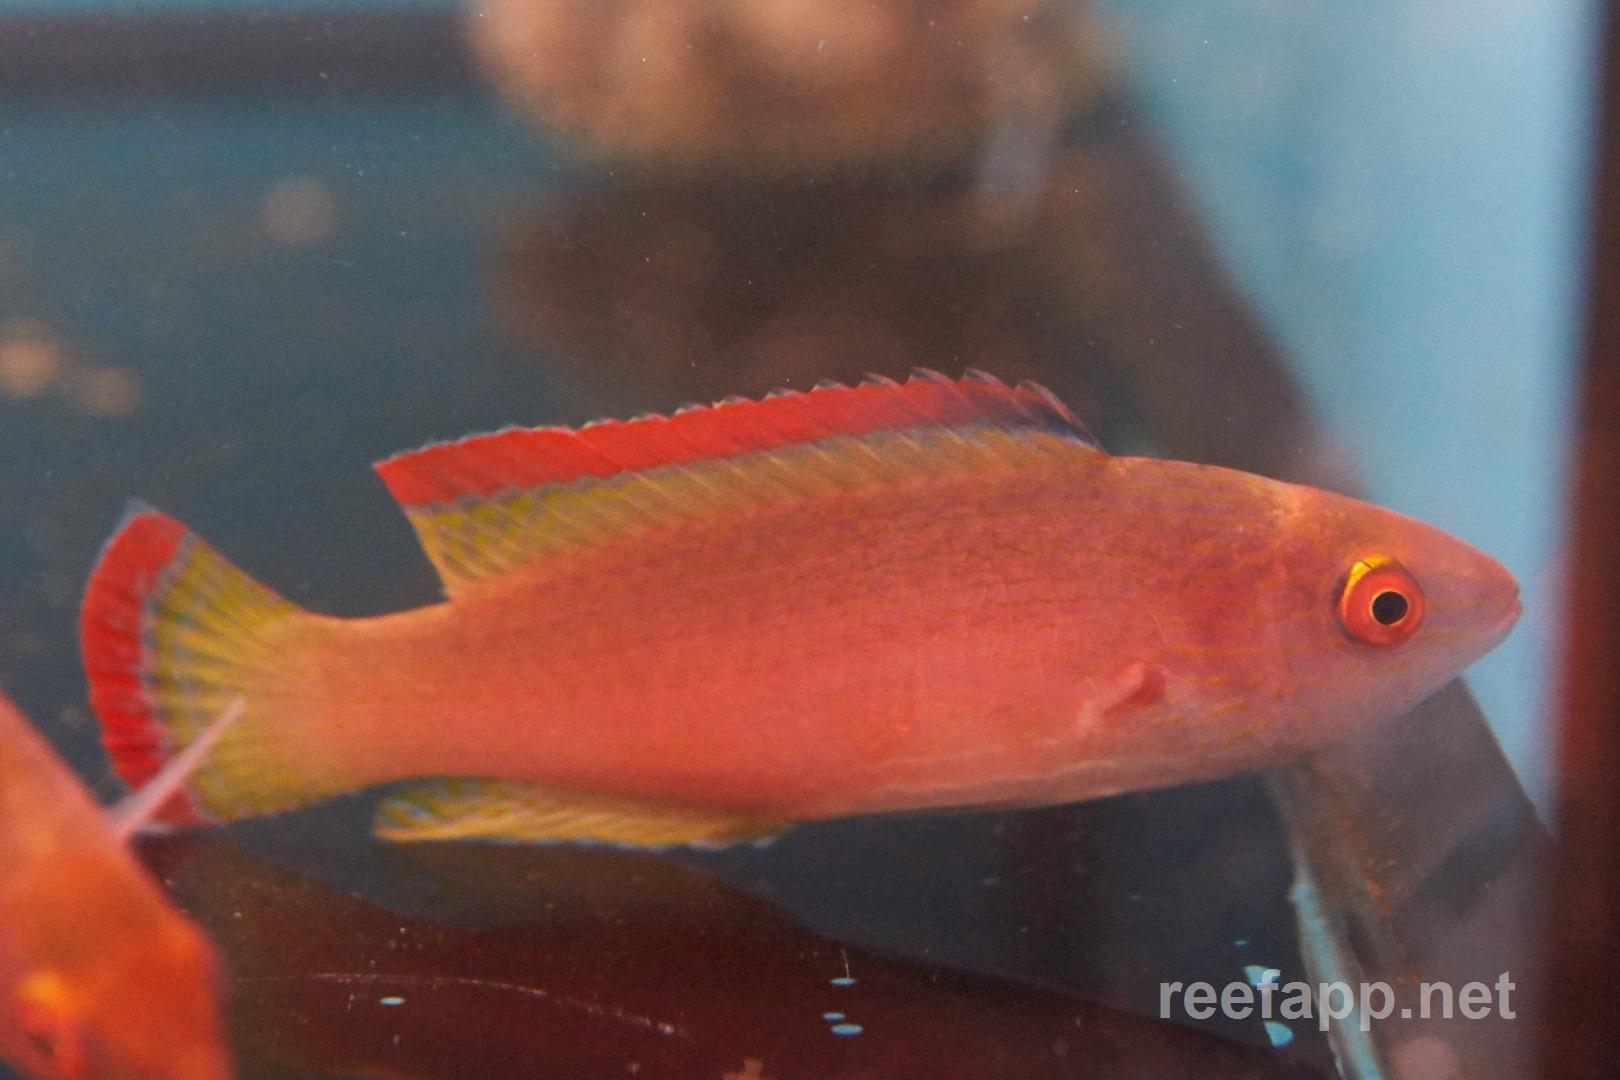 Red-margined wrasse (Cirrhilabrus rubrimarginatus) in aquarium